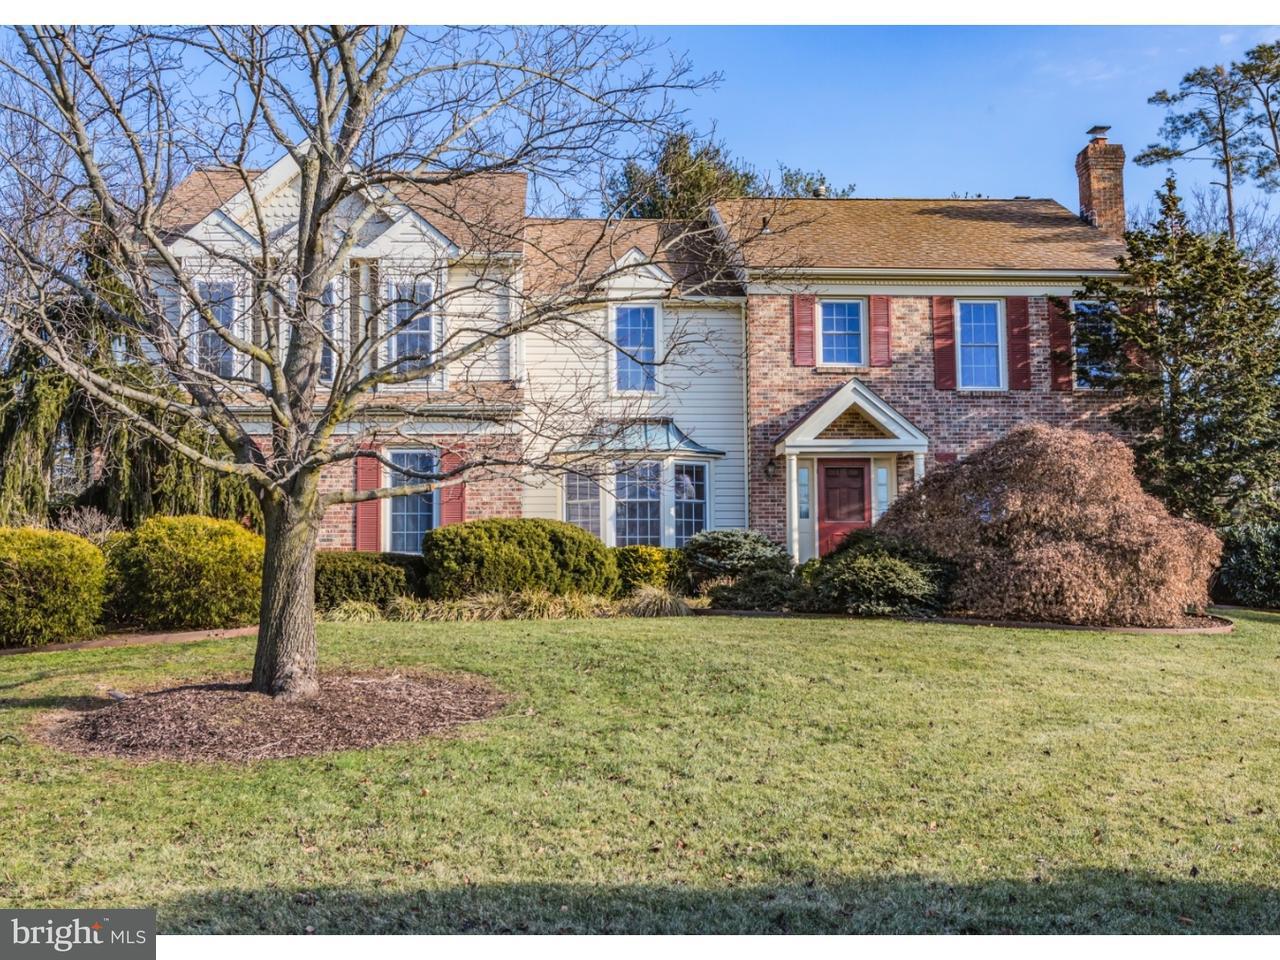 Casa Unifamiliar por un Venta en 4 TRACEY Drive Lawrenceville, Nueva Jersey 08648 Estados UnidosEn/Alrededor: Lawrence Township